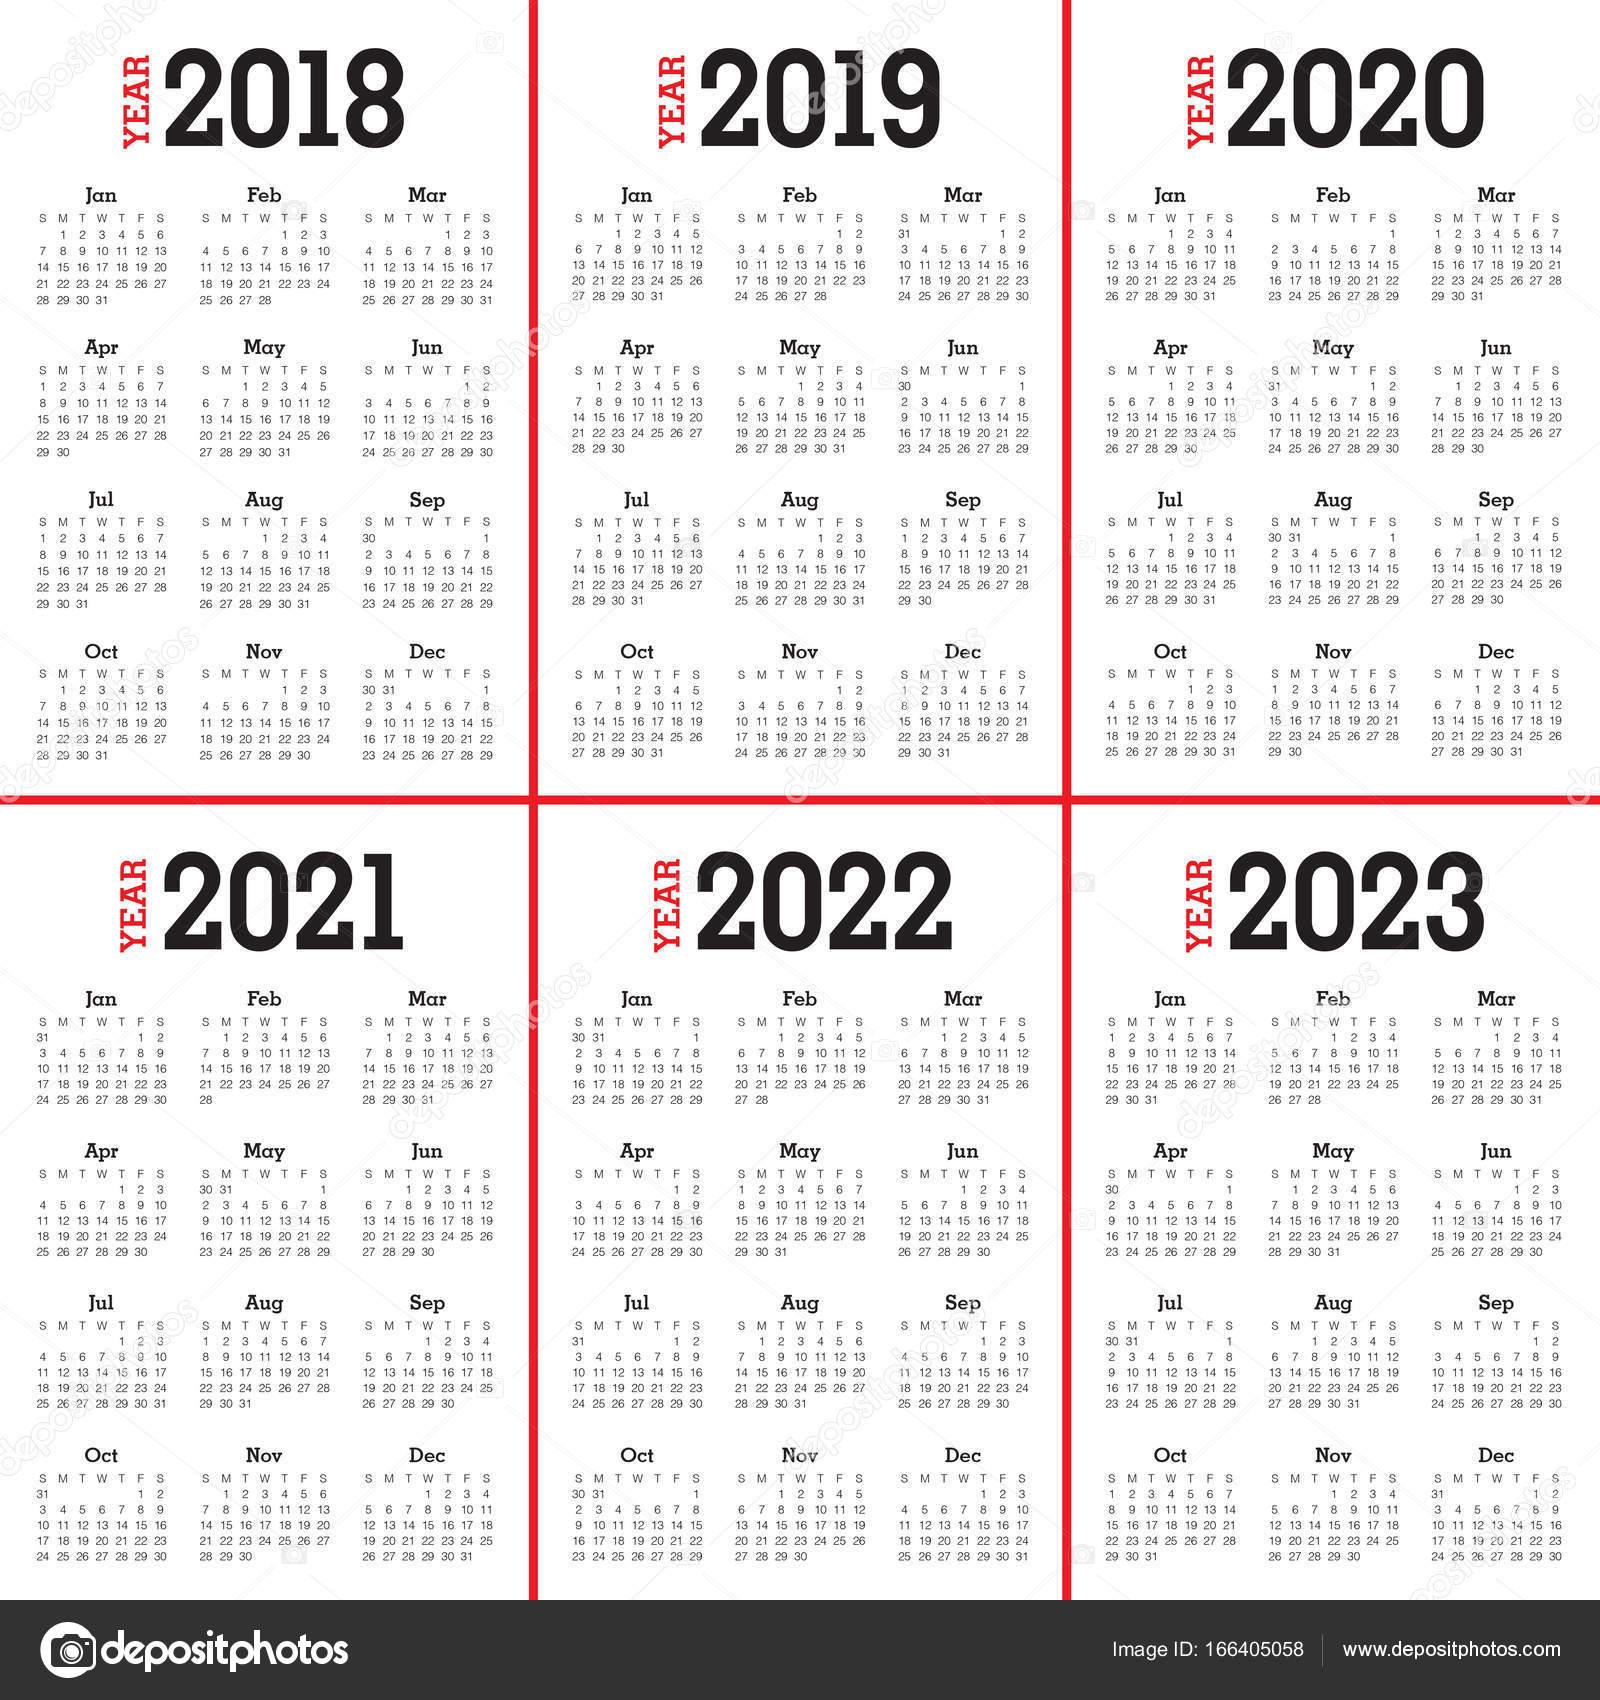 2018 2019 2020 2021 2022 2023 Года Календарь Вектор